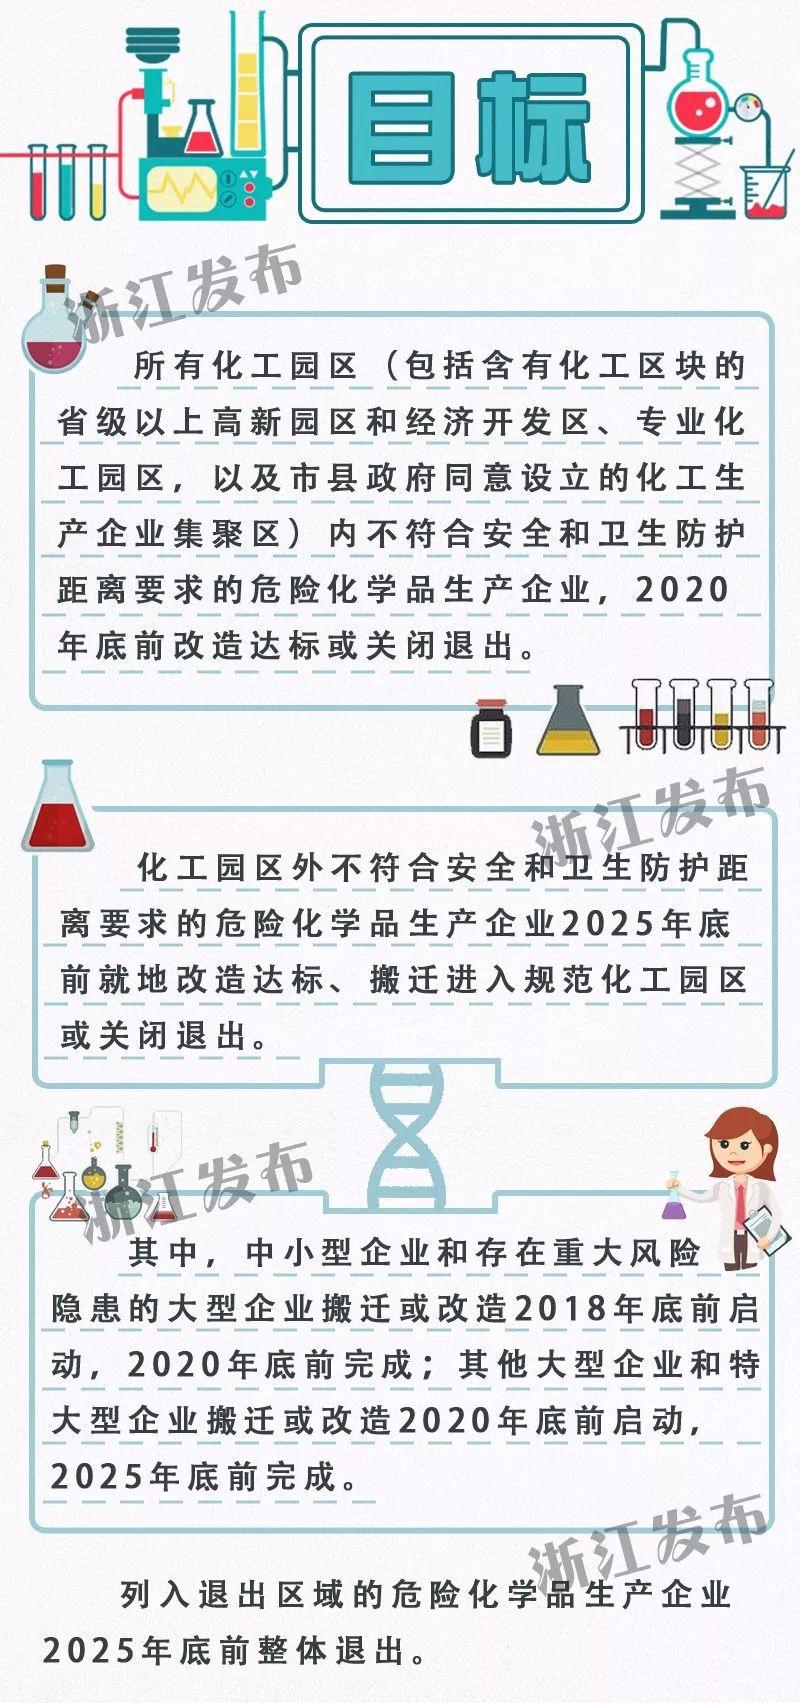 浙江城镇人口密集区危化品生产企业,将按计划搬迁改造